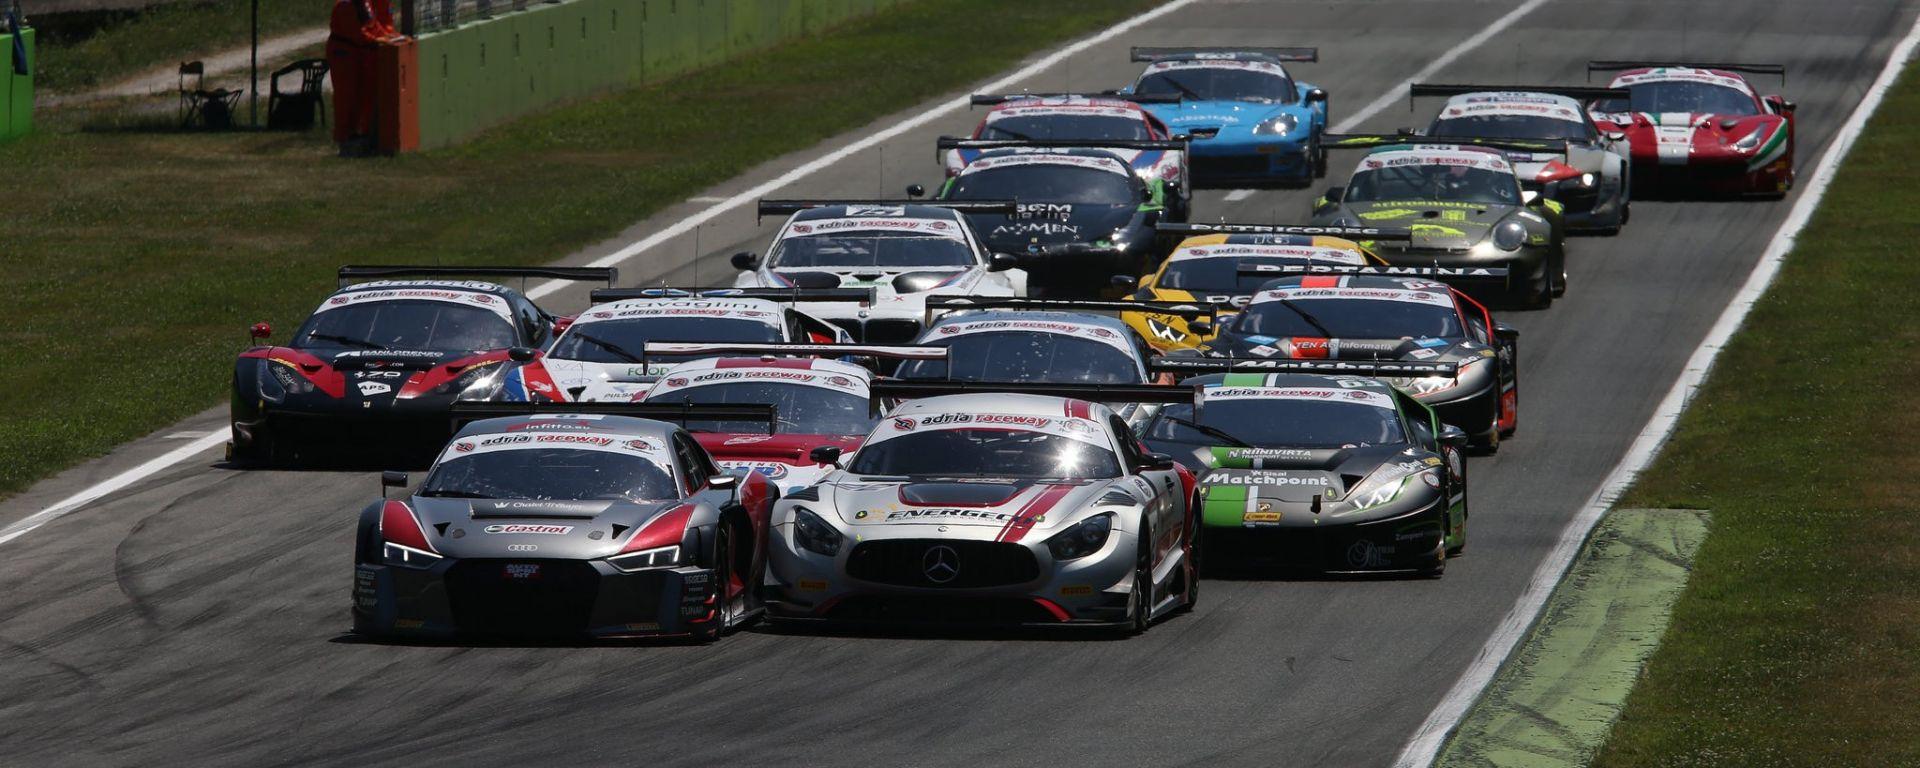 Audi Sport Italia - Campionato Italiano GT, Monza 2017